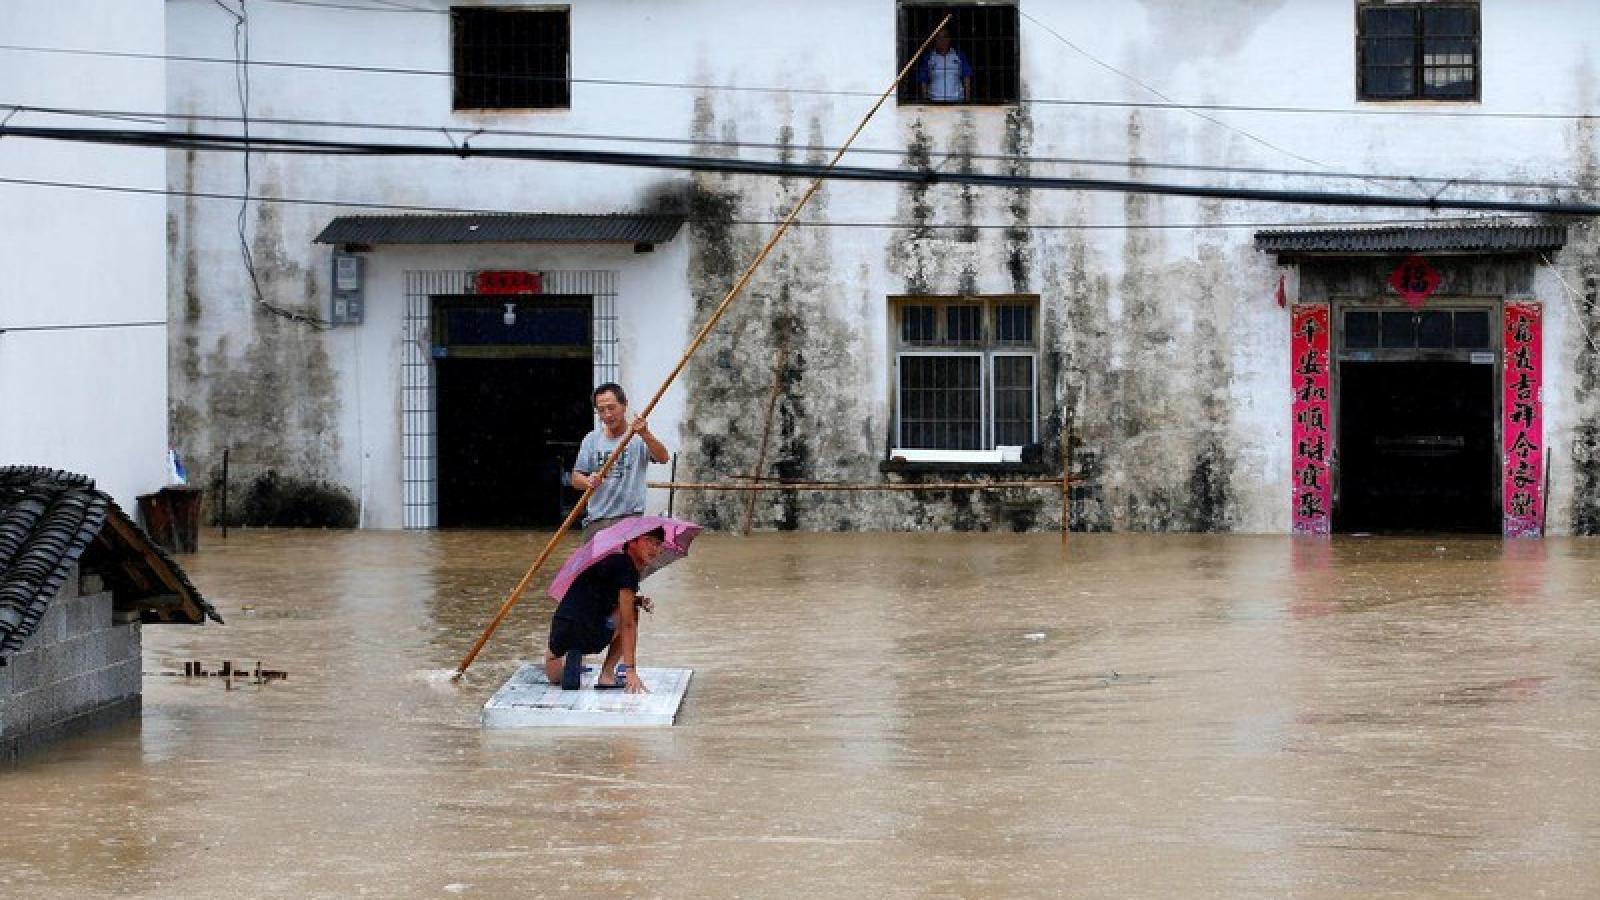 Mưa lũ ở lưu vực sông Trường Giang (Trung Quốc) diễn biến phức tạp